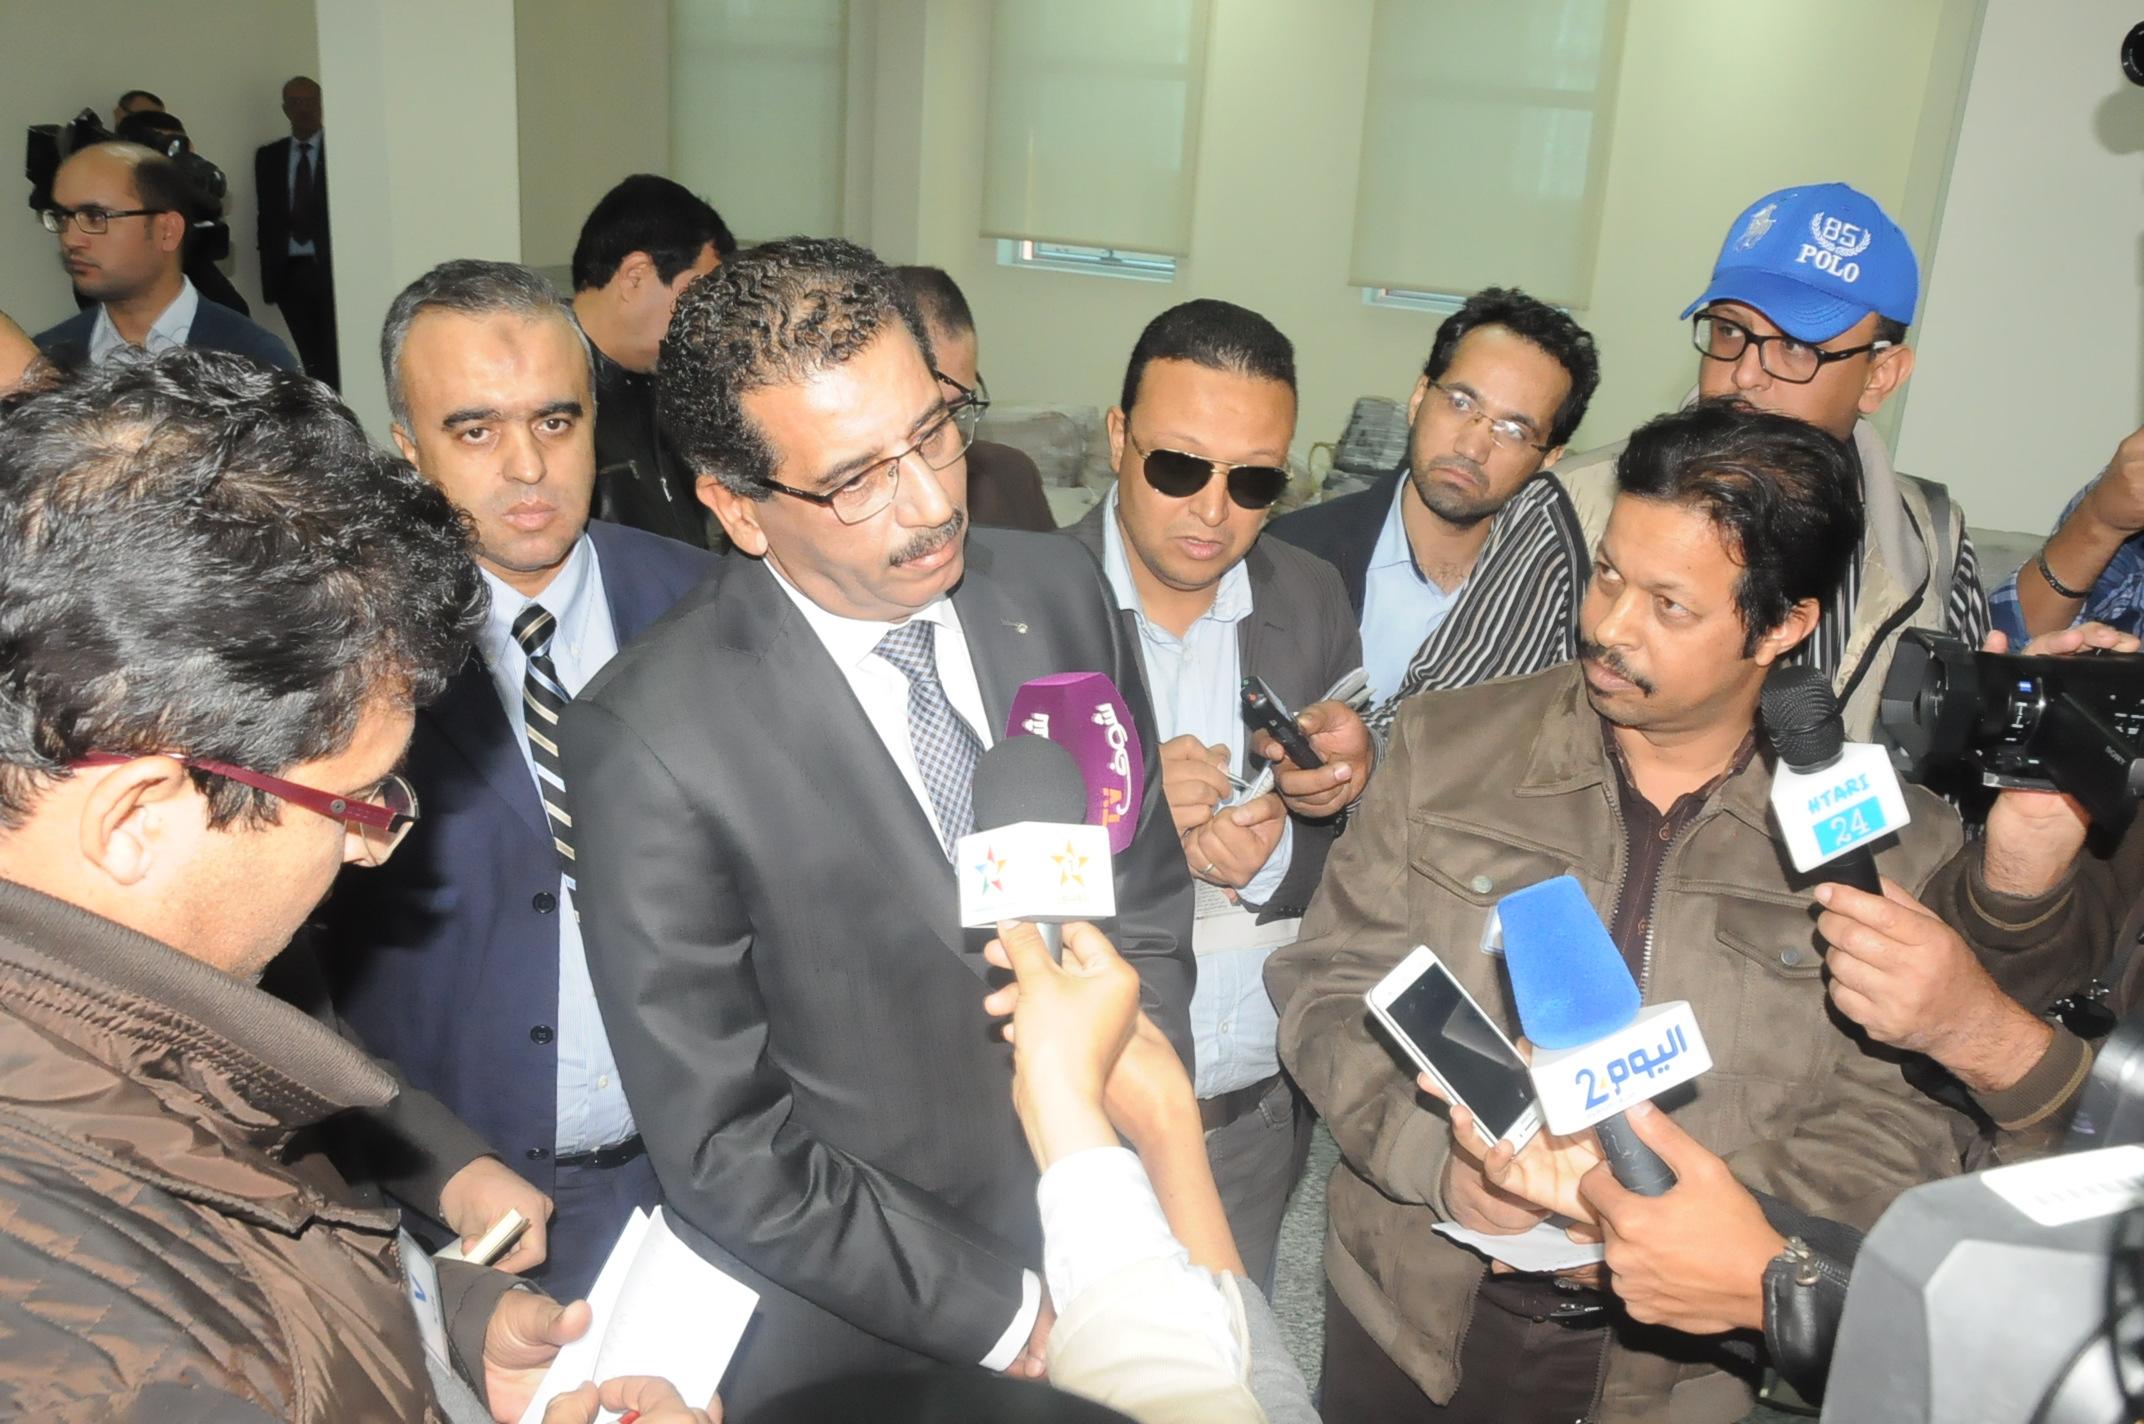 إف بي أي المغرب يحجز 200مليار والخيام يكشف عن حقائق خطيرة ومثيرة عن باخرة الكوكايين